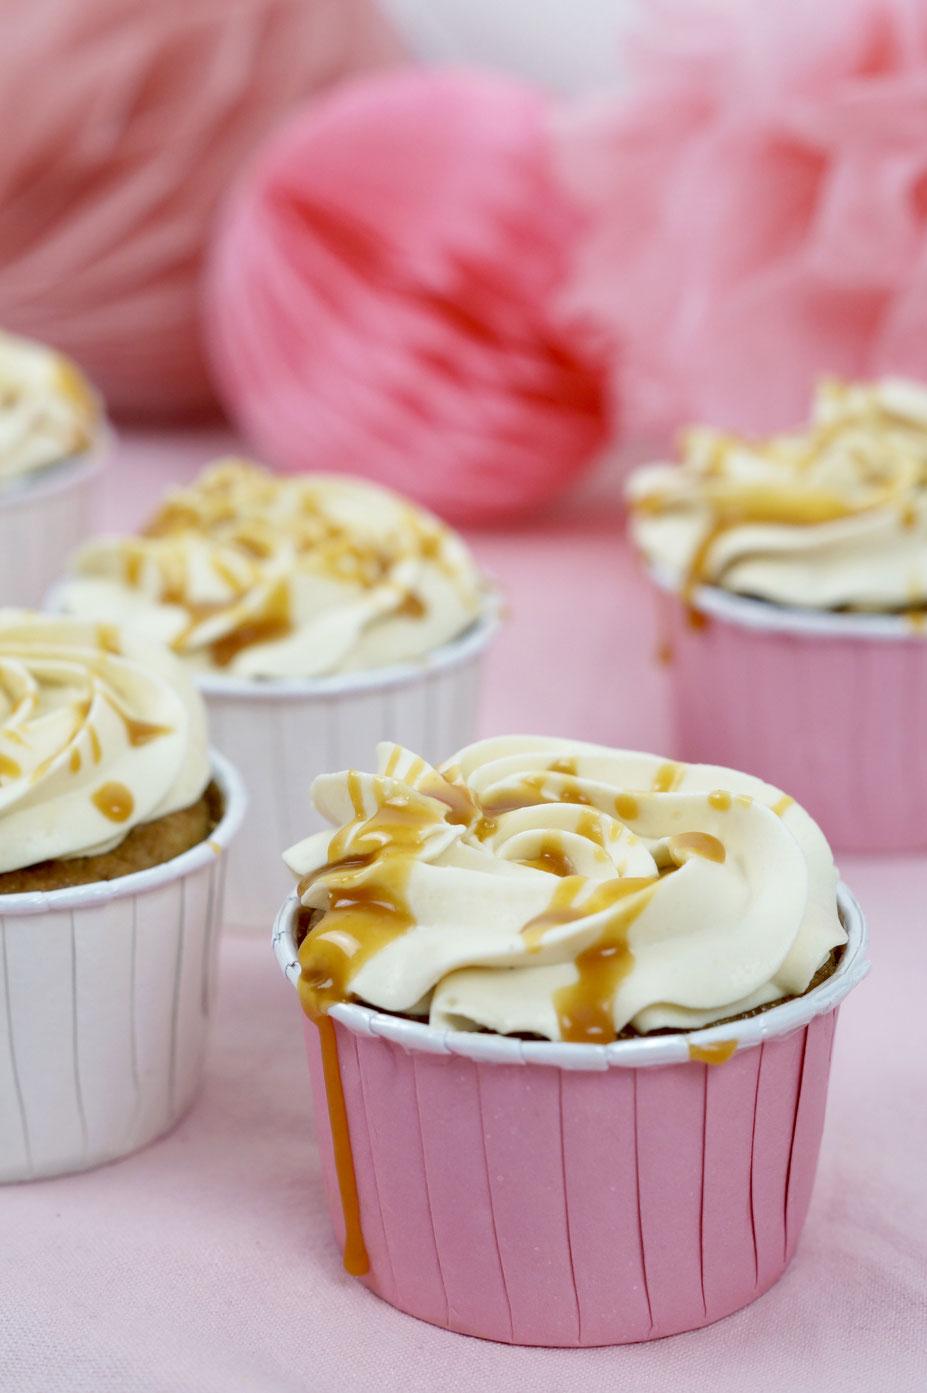 Apfel-Cupcakes mit Gewürzen und Karamell